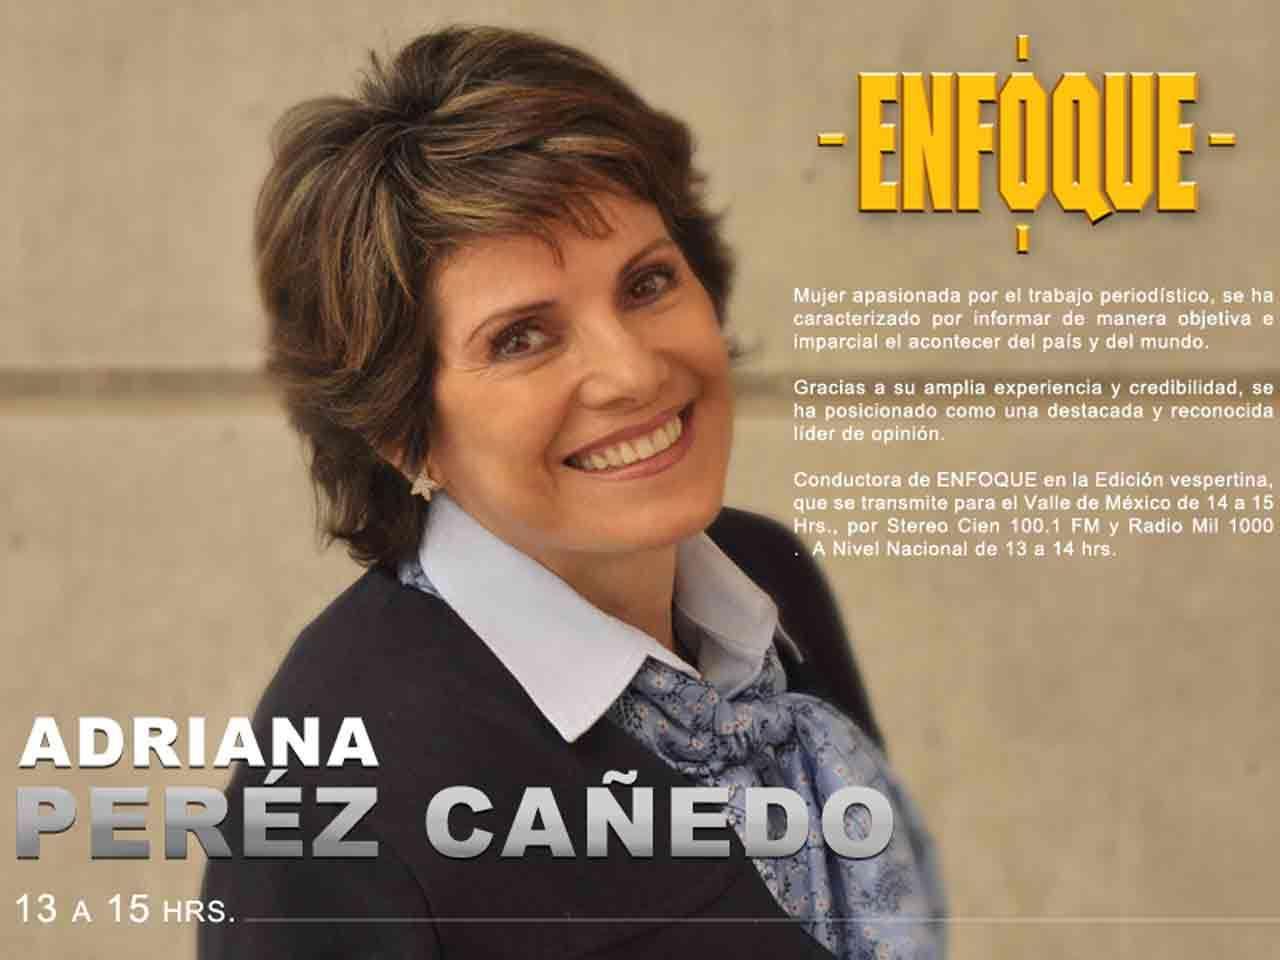 Adriana Perez Cañedo, fiel representante de la mujer mexicana, quien ve en ella una líder nata de opinión, usted la puede escuchar de 13:00 a 15:00 horas en la segunda emisión de Enfoque Noticias. Foto: NRM Comunicaciones